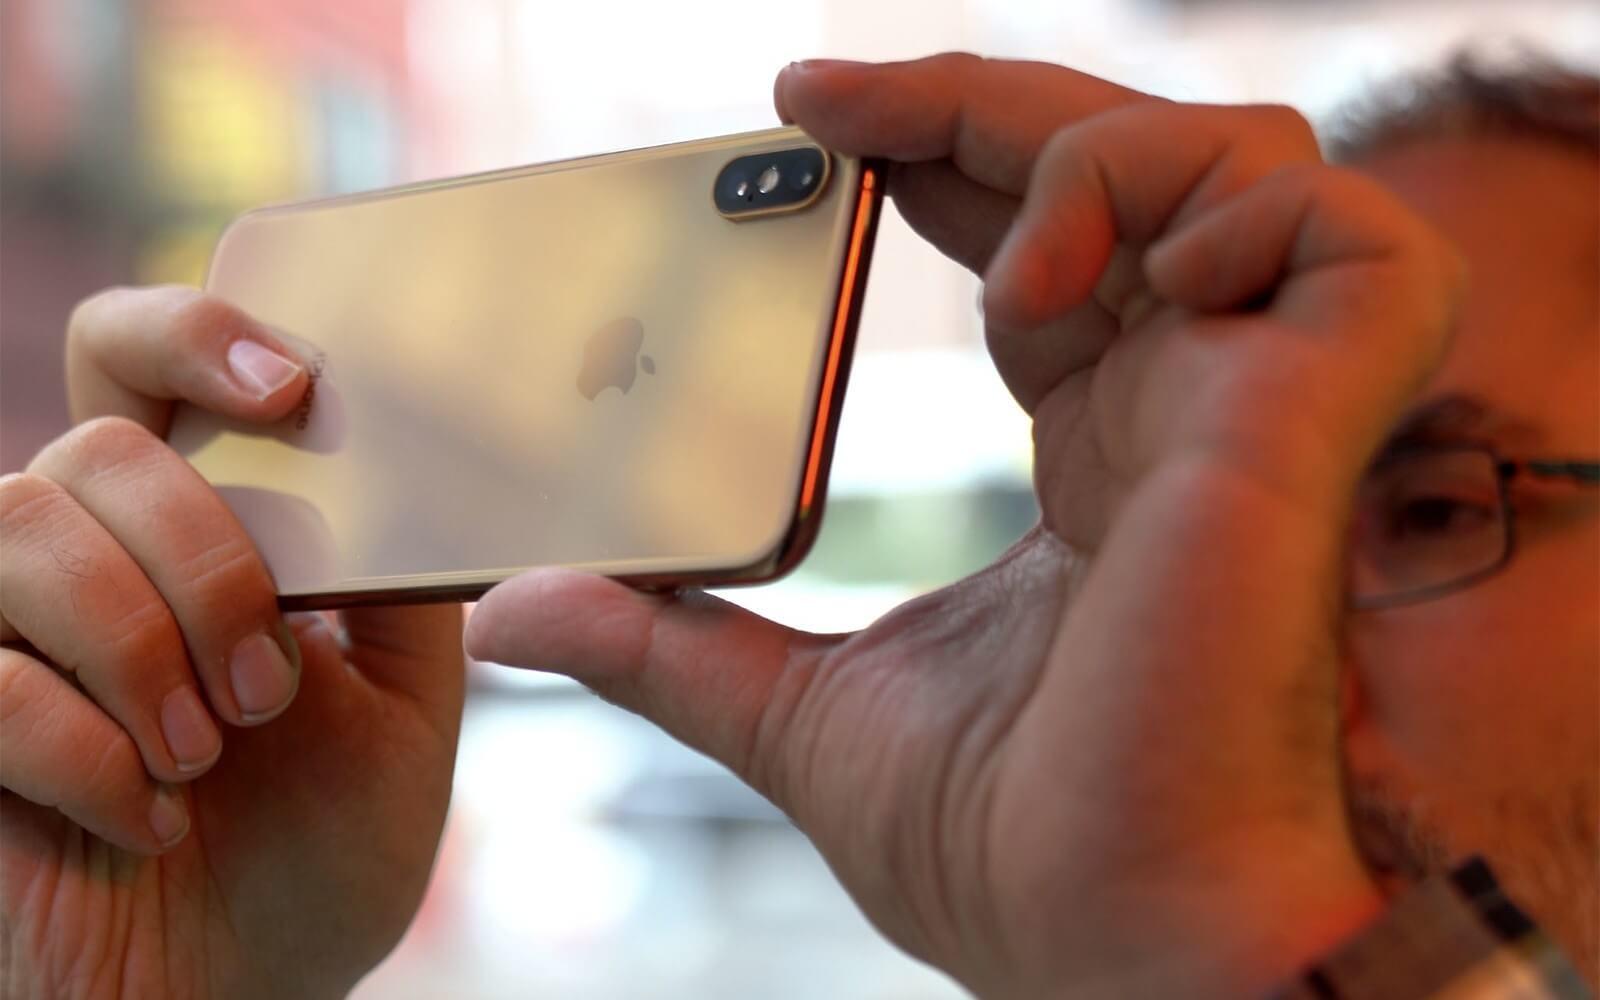 Камера iPhone XS признана лучшей мобильной камерой 2018 года